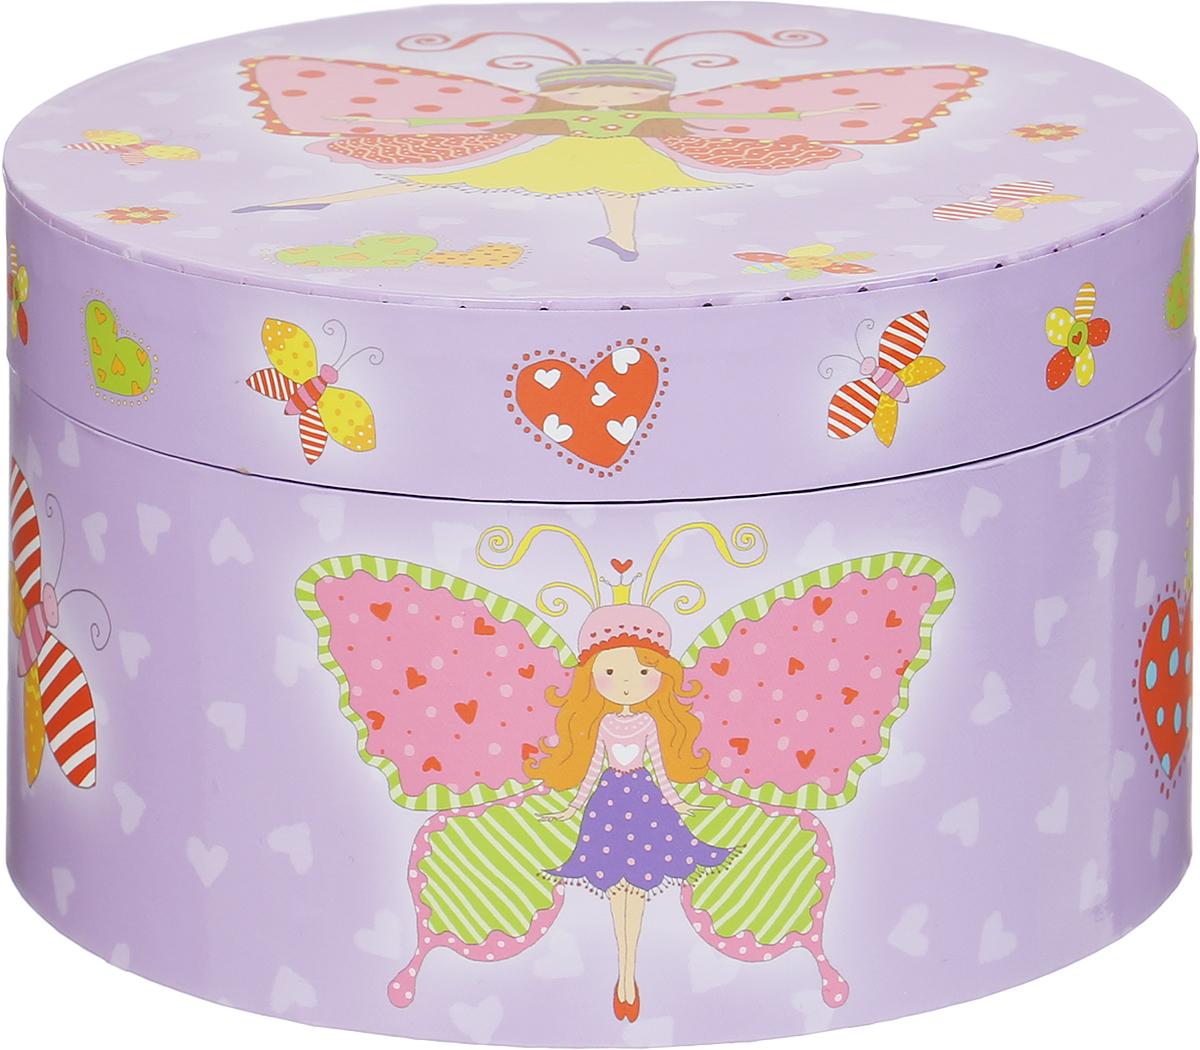 Jakos Музыкальная шкатулка Бабочка614000_сиреневый/феяМузыкальная шкатулка Jakos Бабочка непременно понравится вашей девочке! Малышка сможет хранить в ней украшения, дорогие ей мелочи и свои секреты. Шкатулка украшена милым рисунком, изображающим очаровательную балерину в виде бабочки. Шкатулка оформлена в нежных цветах и прекрасно впишется в любой интерьер. Внутри шкатулки расположено зеркальце, которое пригодится каждой маленькой моднице, и фигурка бабочки на пружинке. Если привести в действие механизм, то фигурка начнет кружиться и зазвучит классическая музыка. Музыкальная шкатулка для украшений станет оригинальным и полезным подарком, она понравится любой девочке.